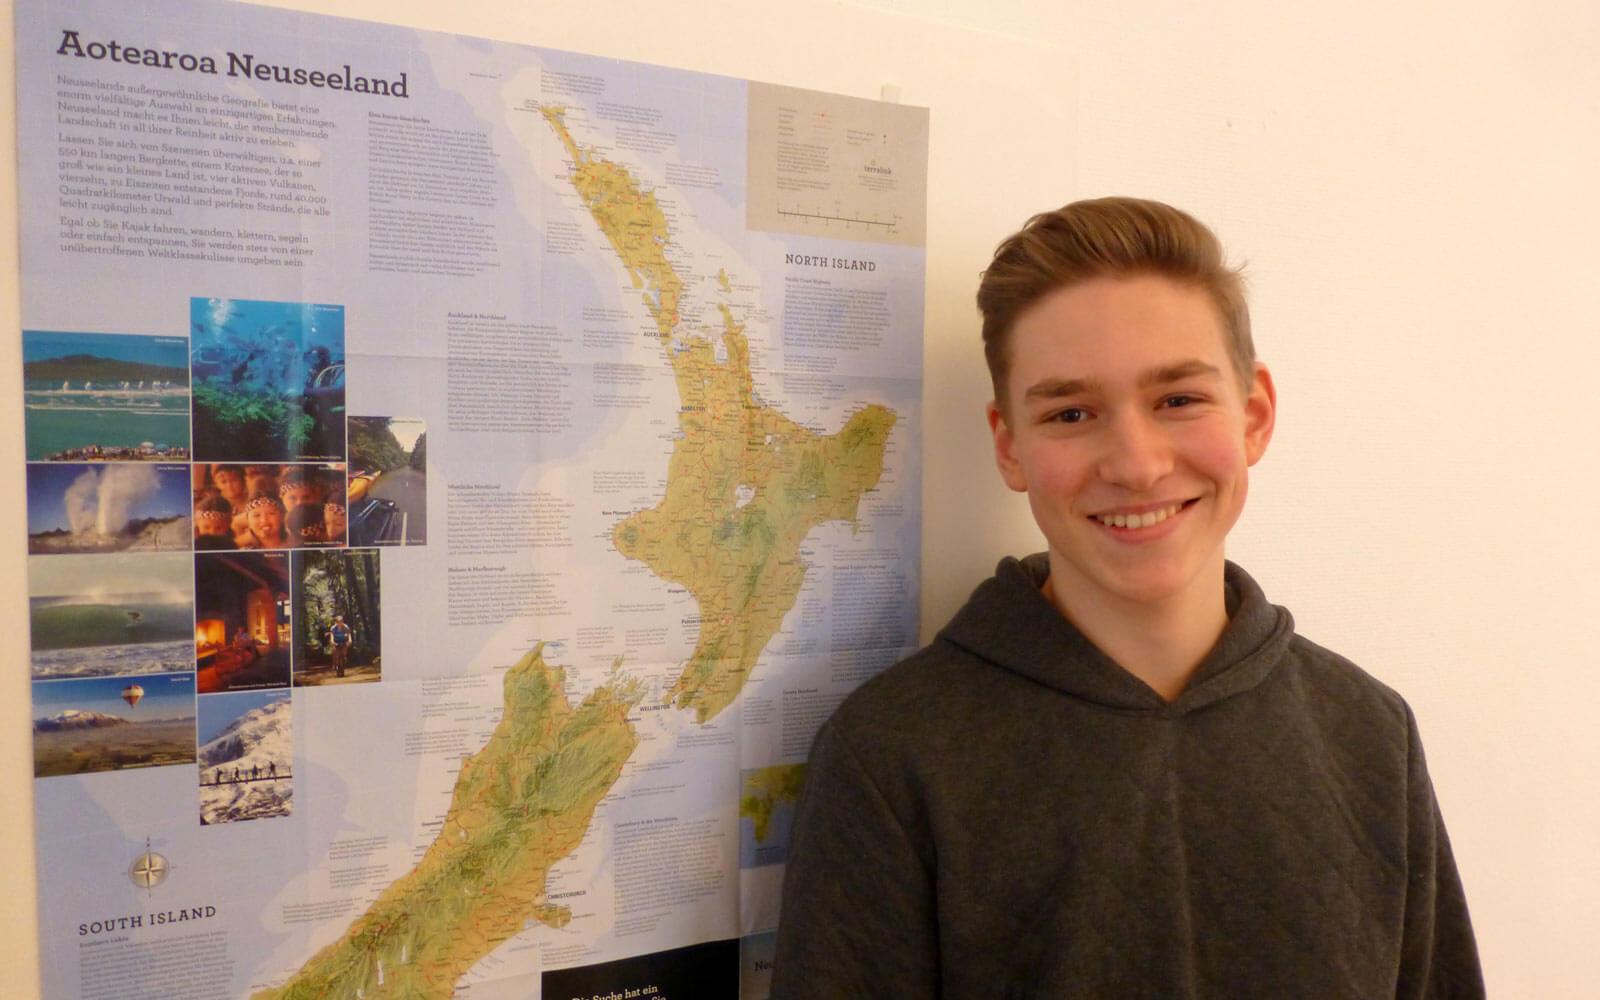 Neuseeland-Stipendiat Aaron steht vor Neusseland-Karte